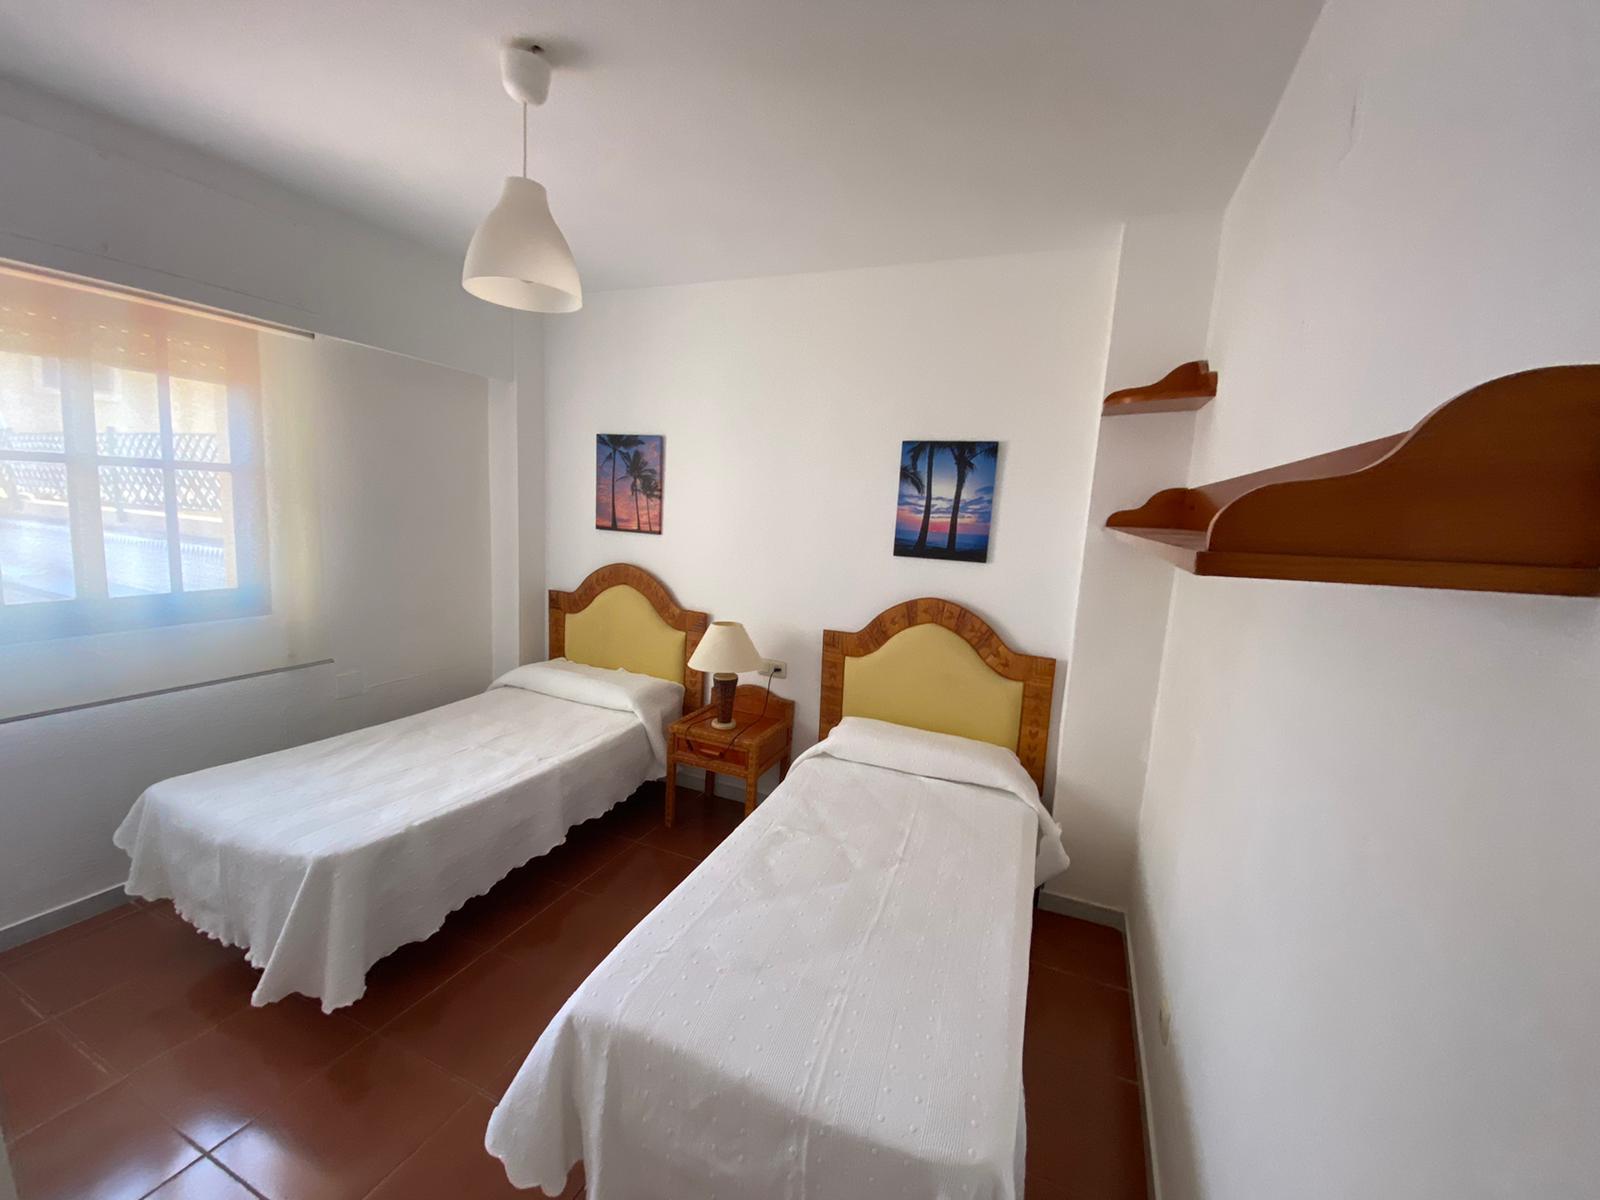 Imagen 17 del Vivienda Turística, Ático 94 (3d+2b), Isla Canela (HUELVA), Avda. de las Codornices nº 24 bloque 1-3